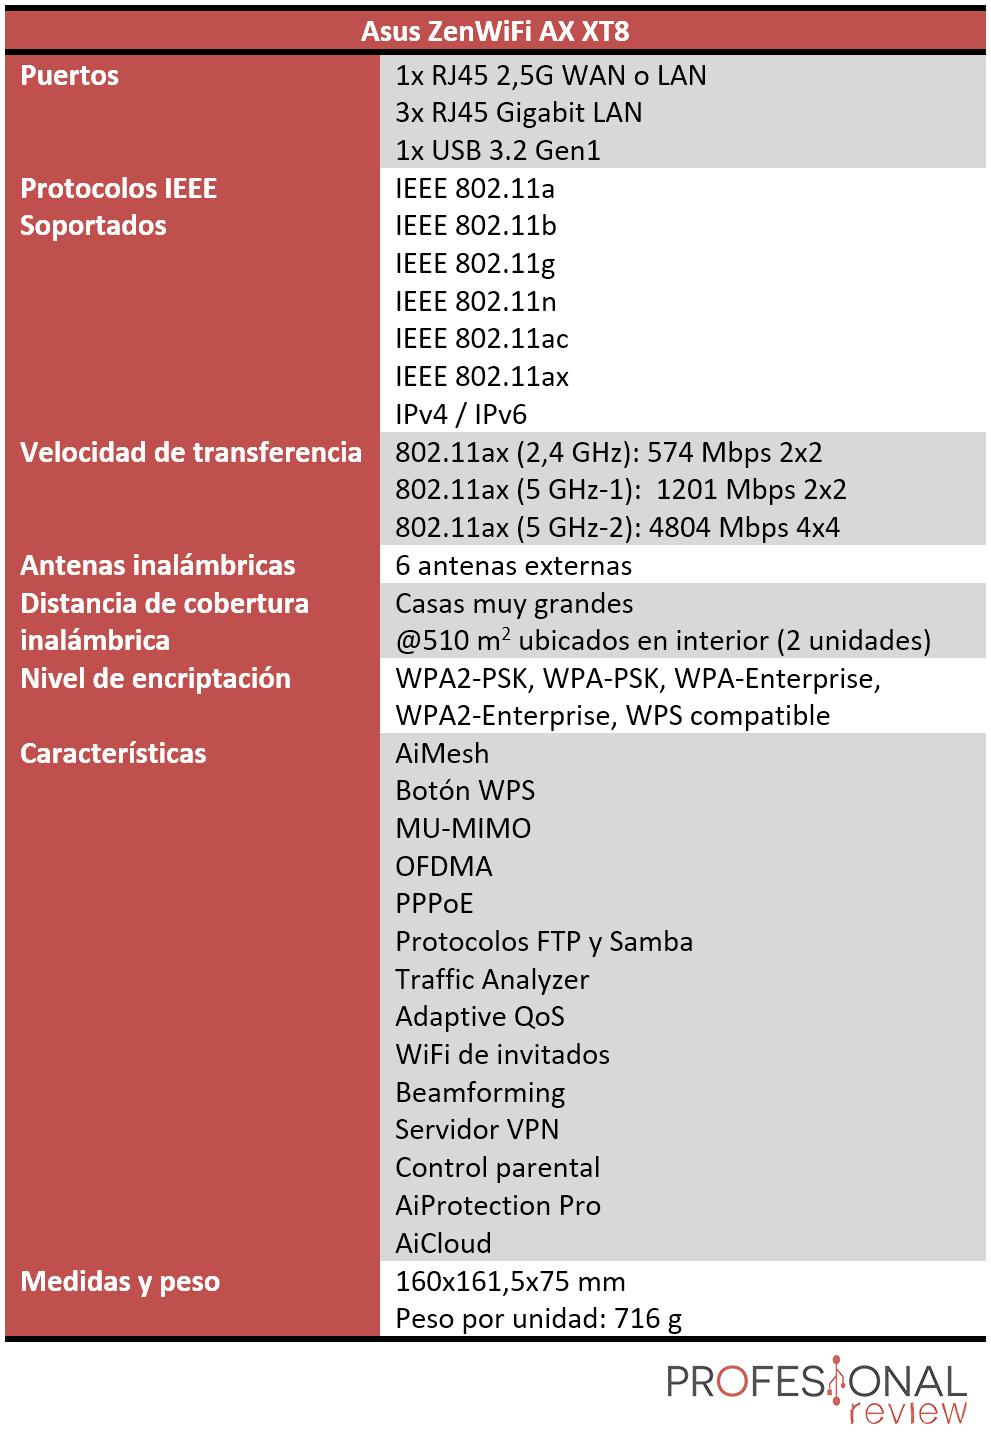 Asus ZenWiFi AX XT8 Características